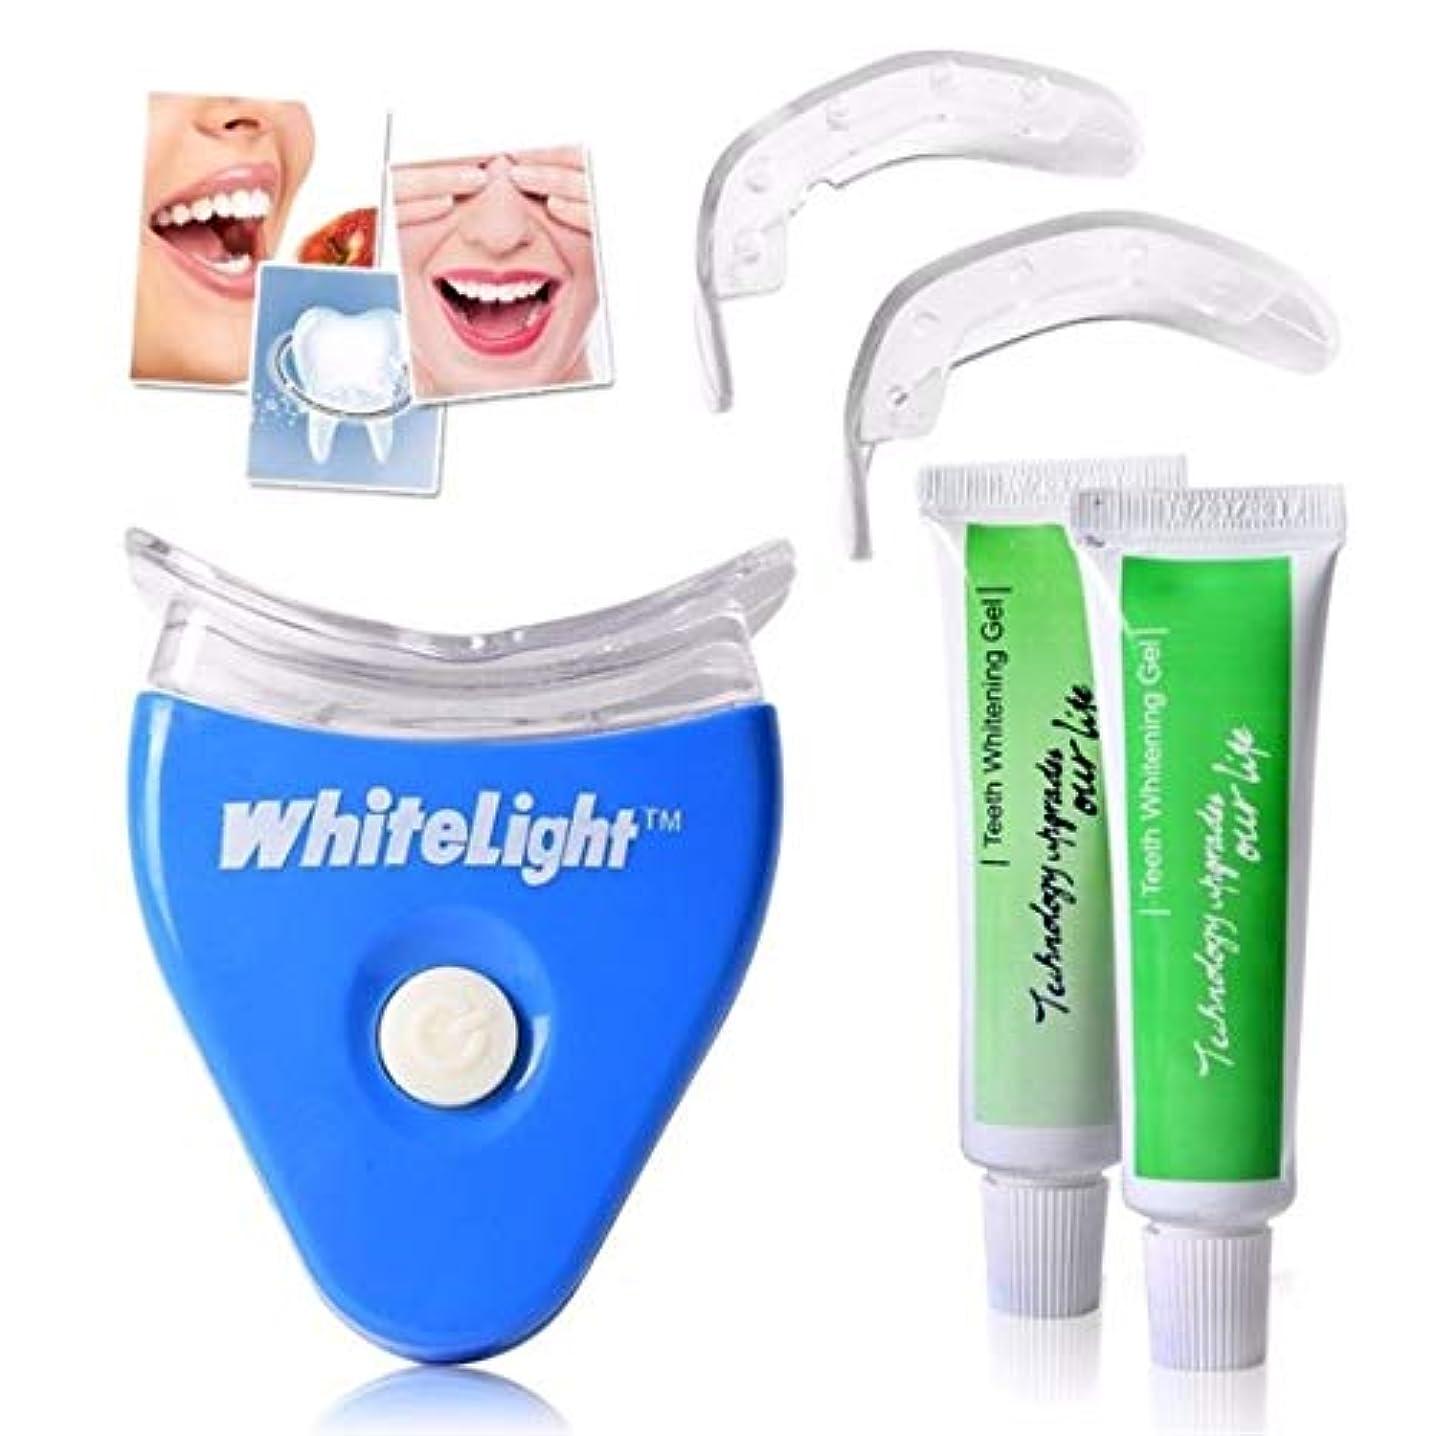 悪意のある加速度確執歯ホワイトニング器 歯 美白 美歯 口腔 ケア ゲル 歯美白器 美歯器 口腔ゲルキット  人気 口腔洗浄ツール 口腔衛生 ライト付き 歯を白くする